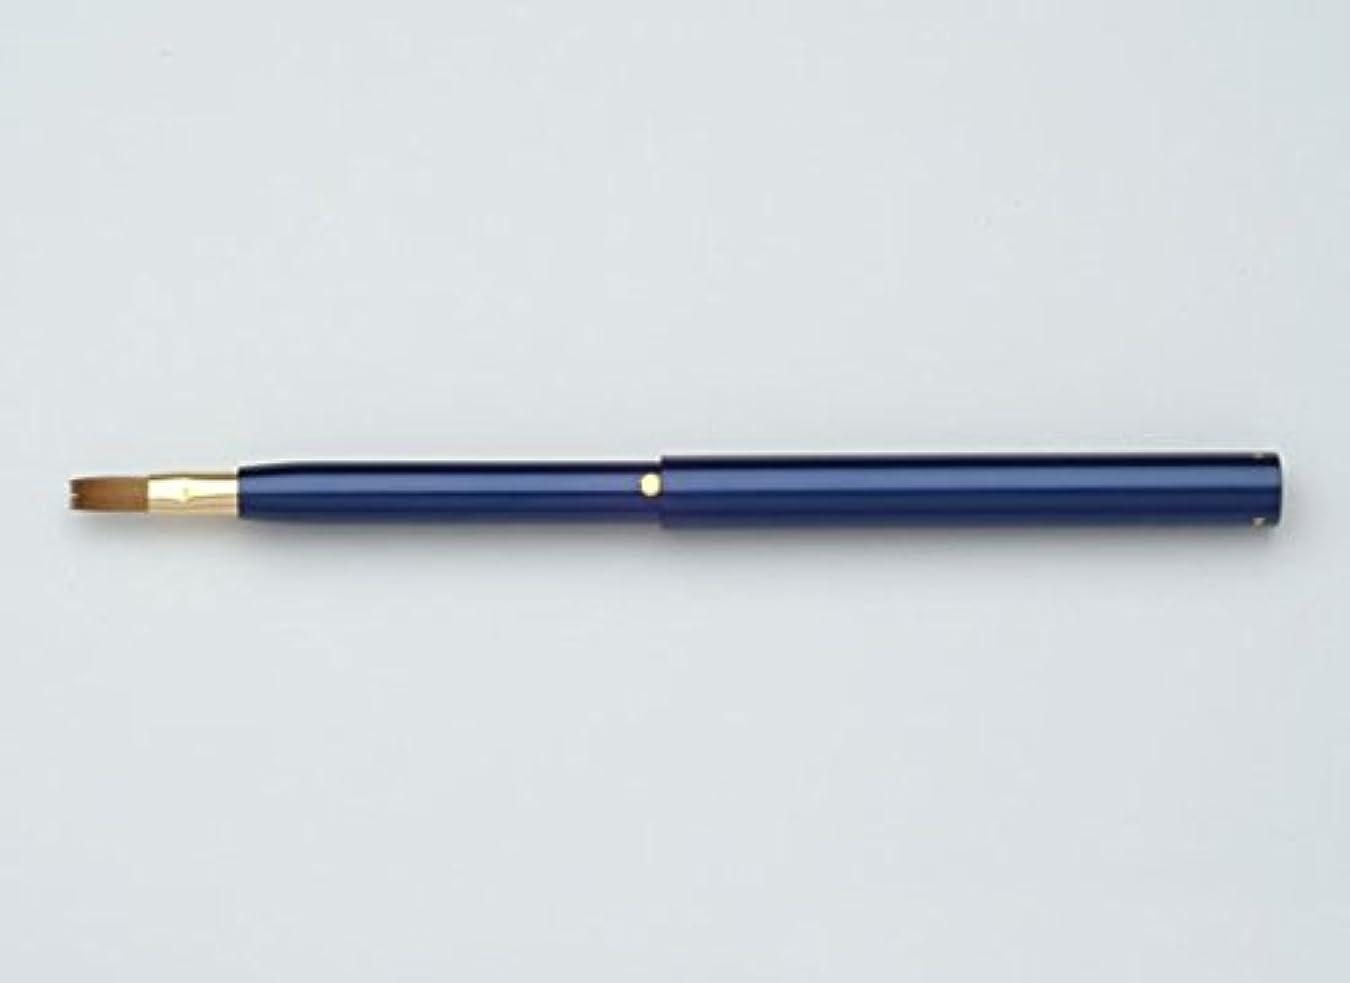 インタネットを見る卒業記念アルバム別れる熊野筆 丹精堂 リップブラシTRO-03 ブルー